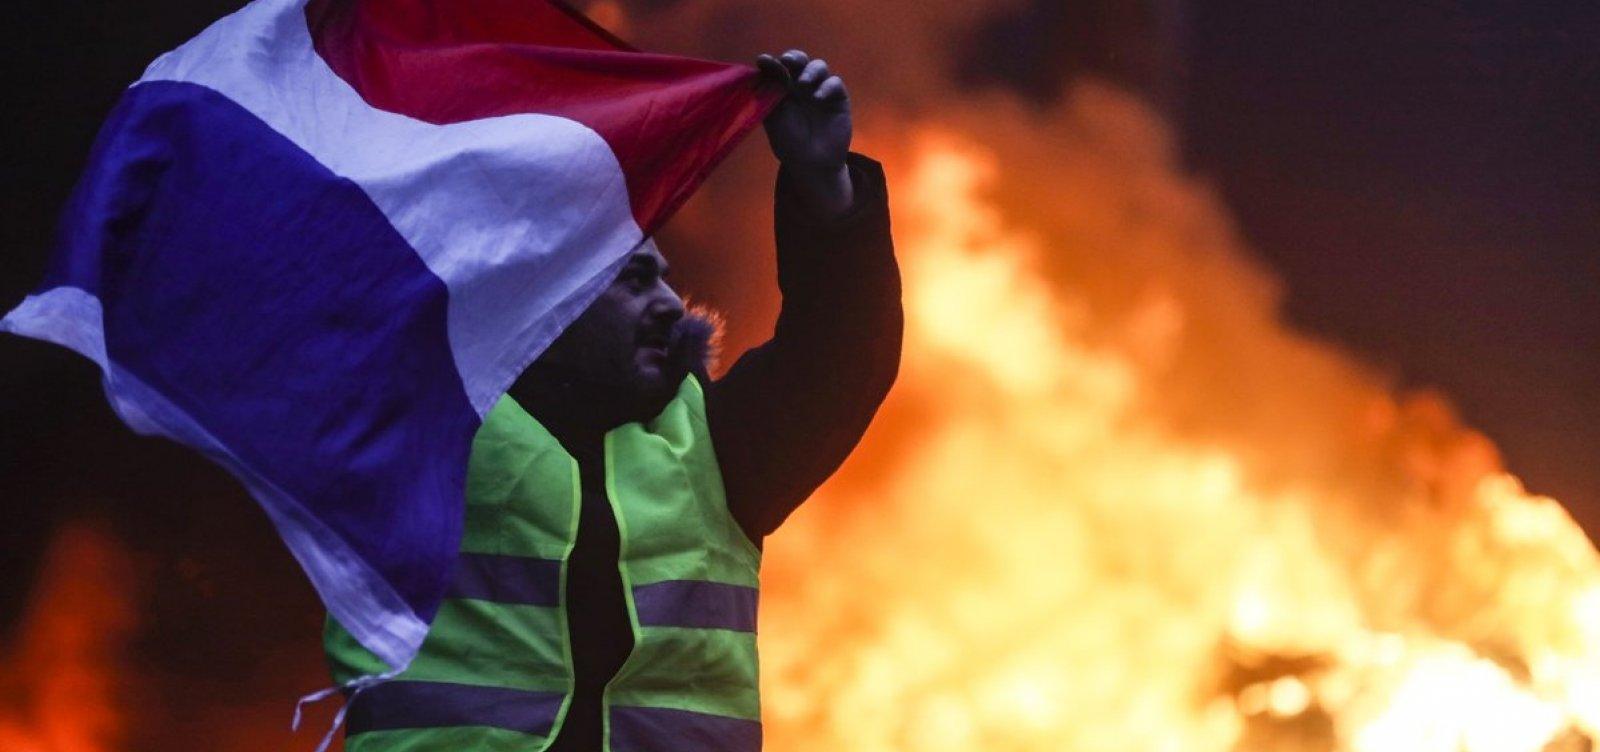 [França vive nova semana de protestos contra reformas; mais de foram 200 presos]